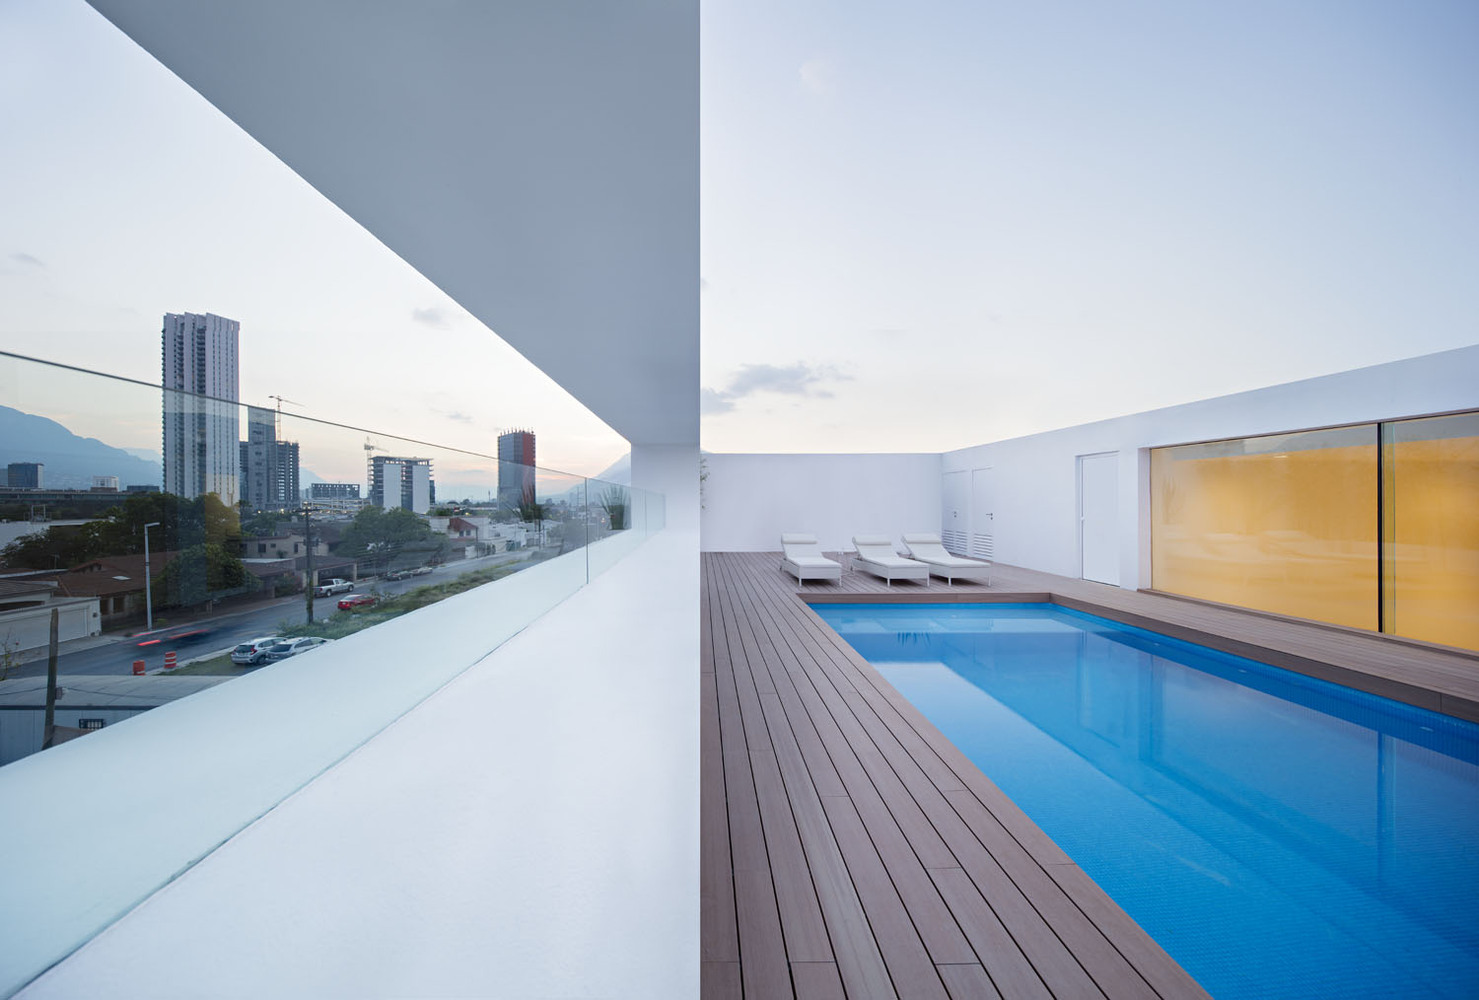 7_Domus Aurea _Alberto Campo Baeza_GLR Arquitectos_Inspirationist